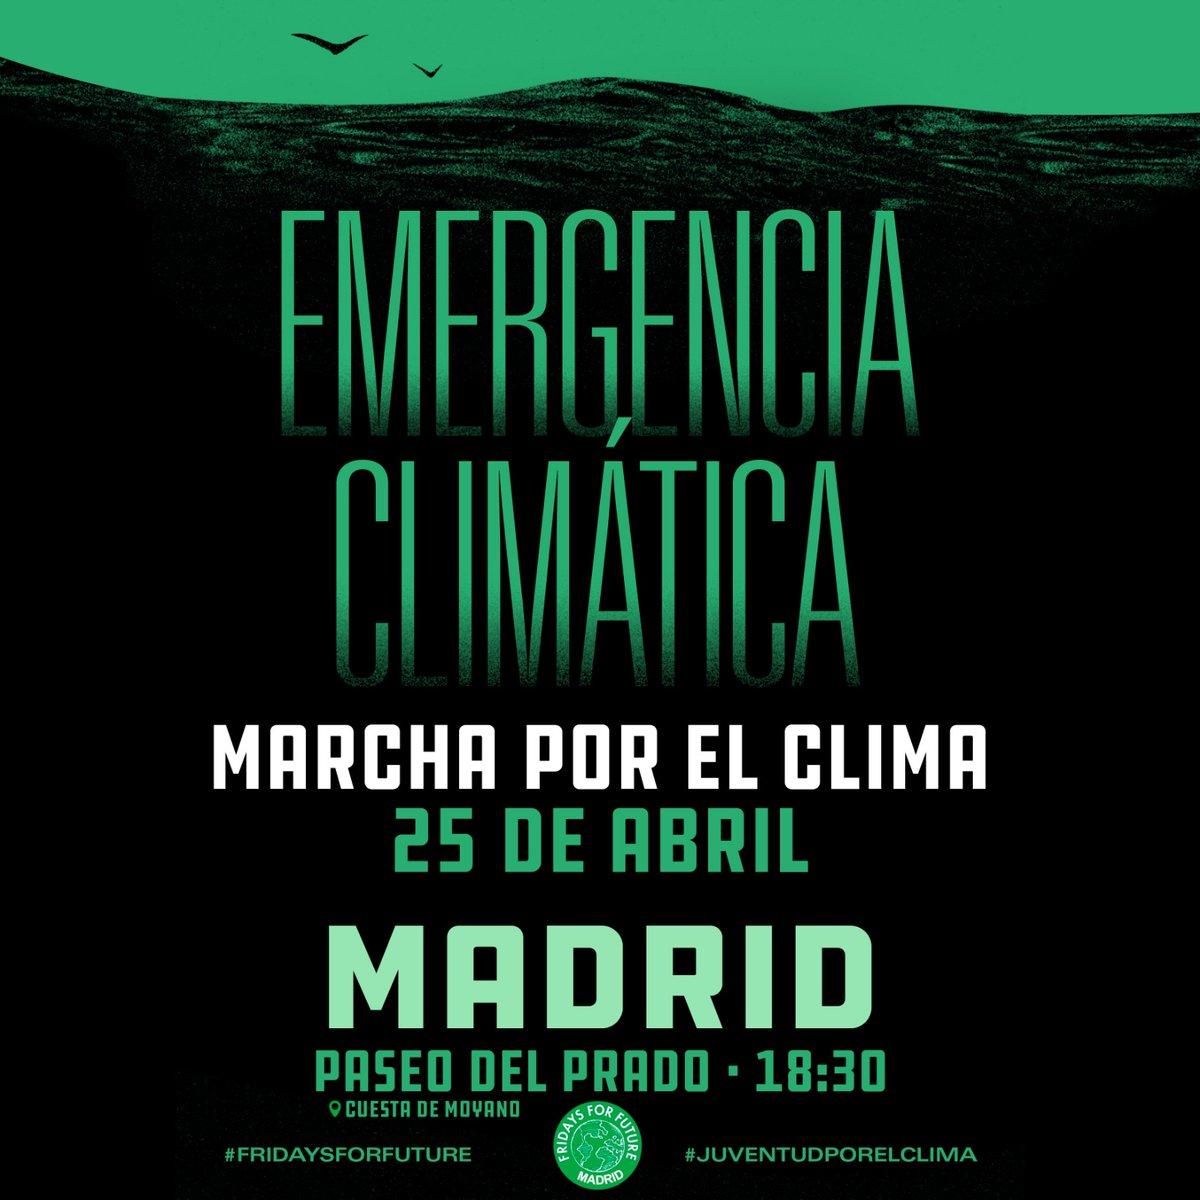 Ir a Madrid: Marcha por el Clima, 25 de abril